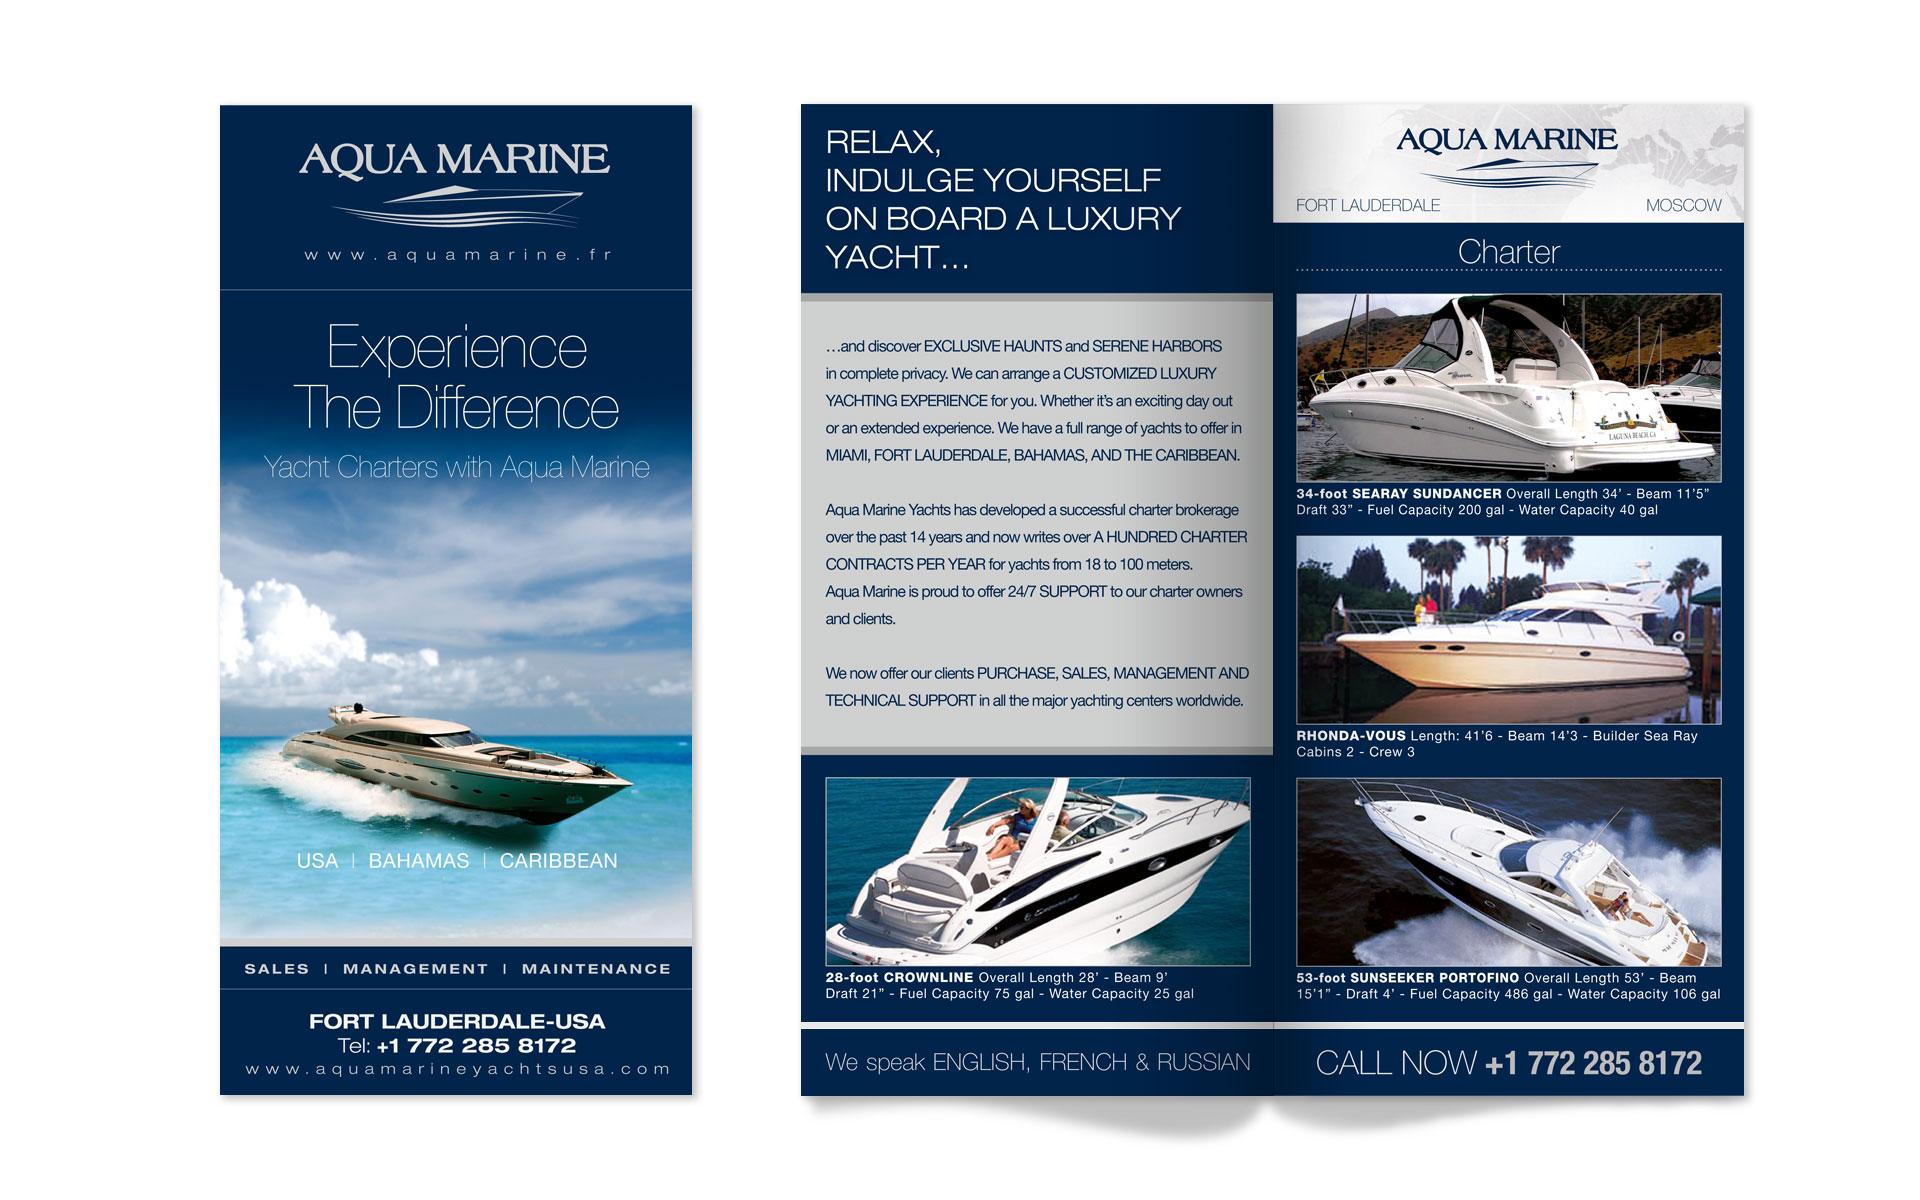 images_aquamarine_campagnes.jpg